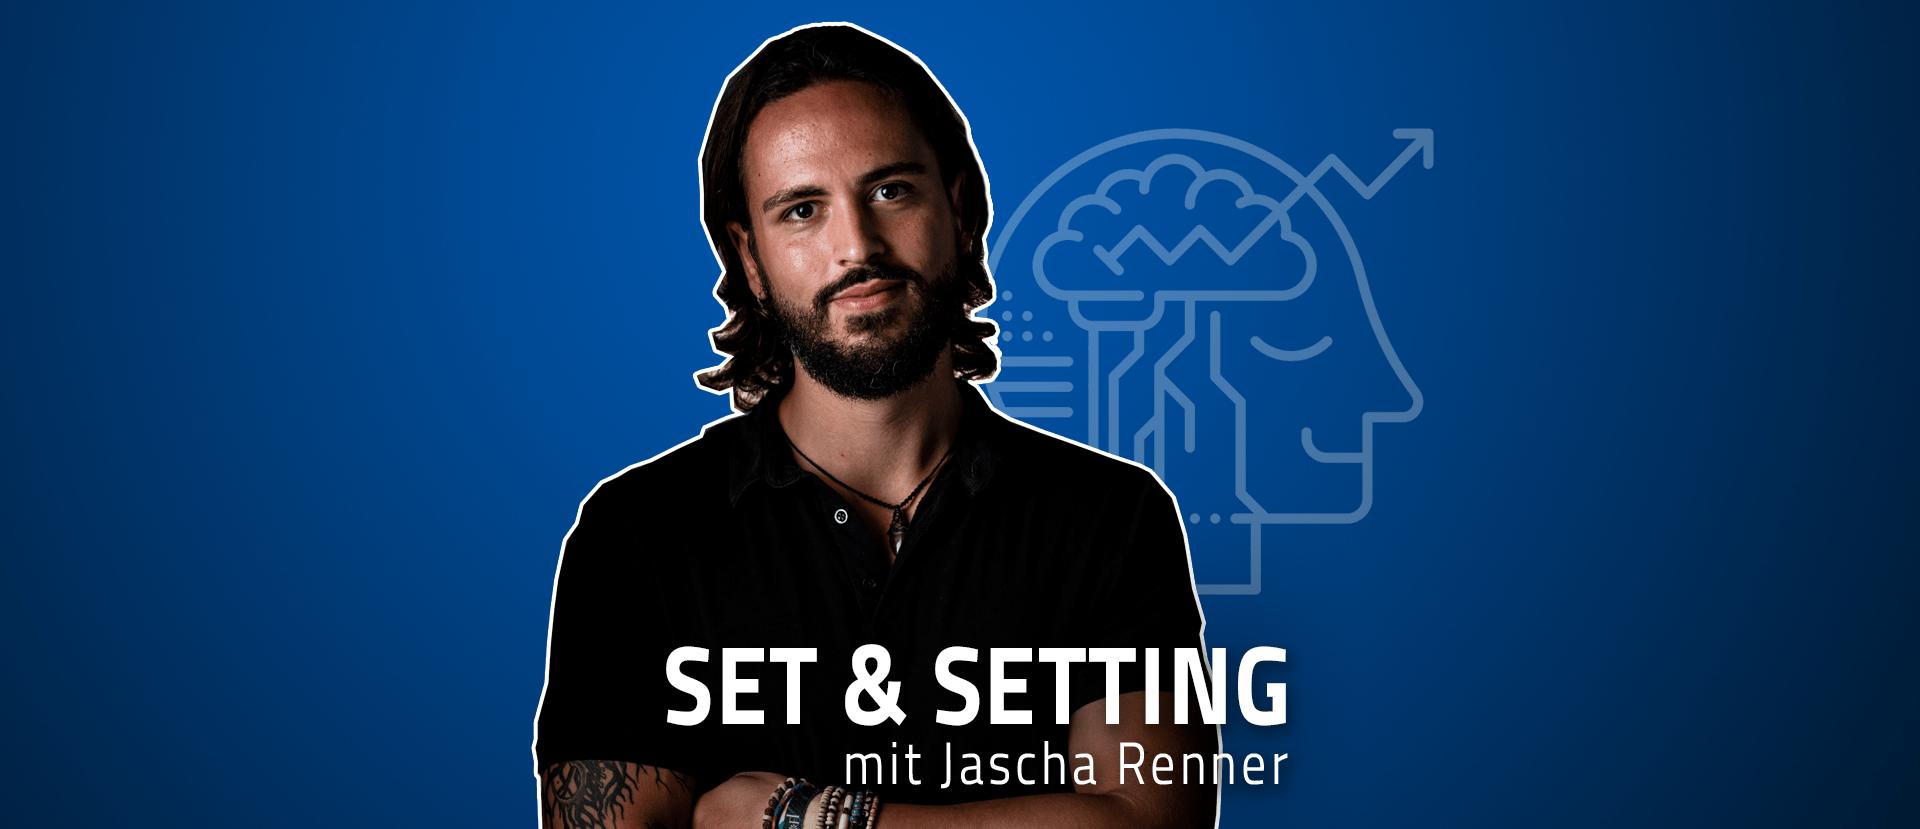 """#24 """"Psychedelika lösen keine Probleme!"""" – Jascha über innere Veränderung, sein Verständnis von Depressionen, die psychedelische Integration und den """"freien"""" Willen"""